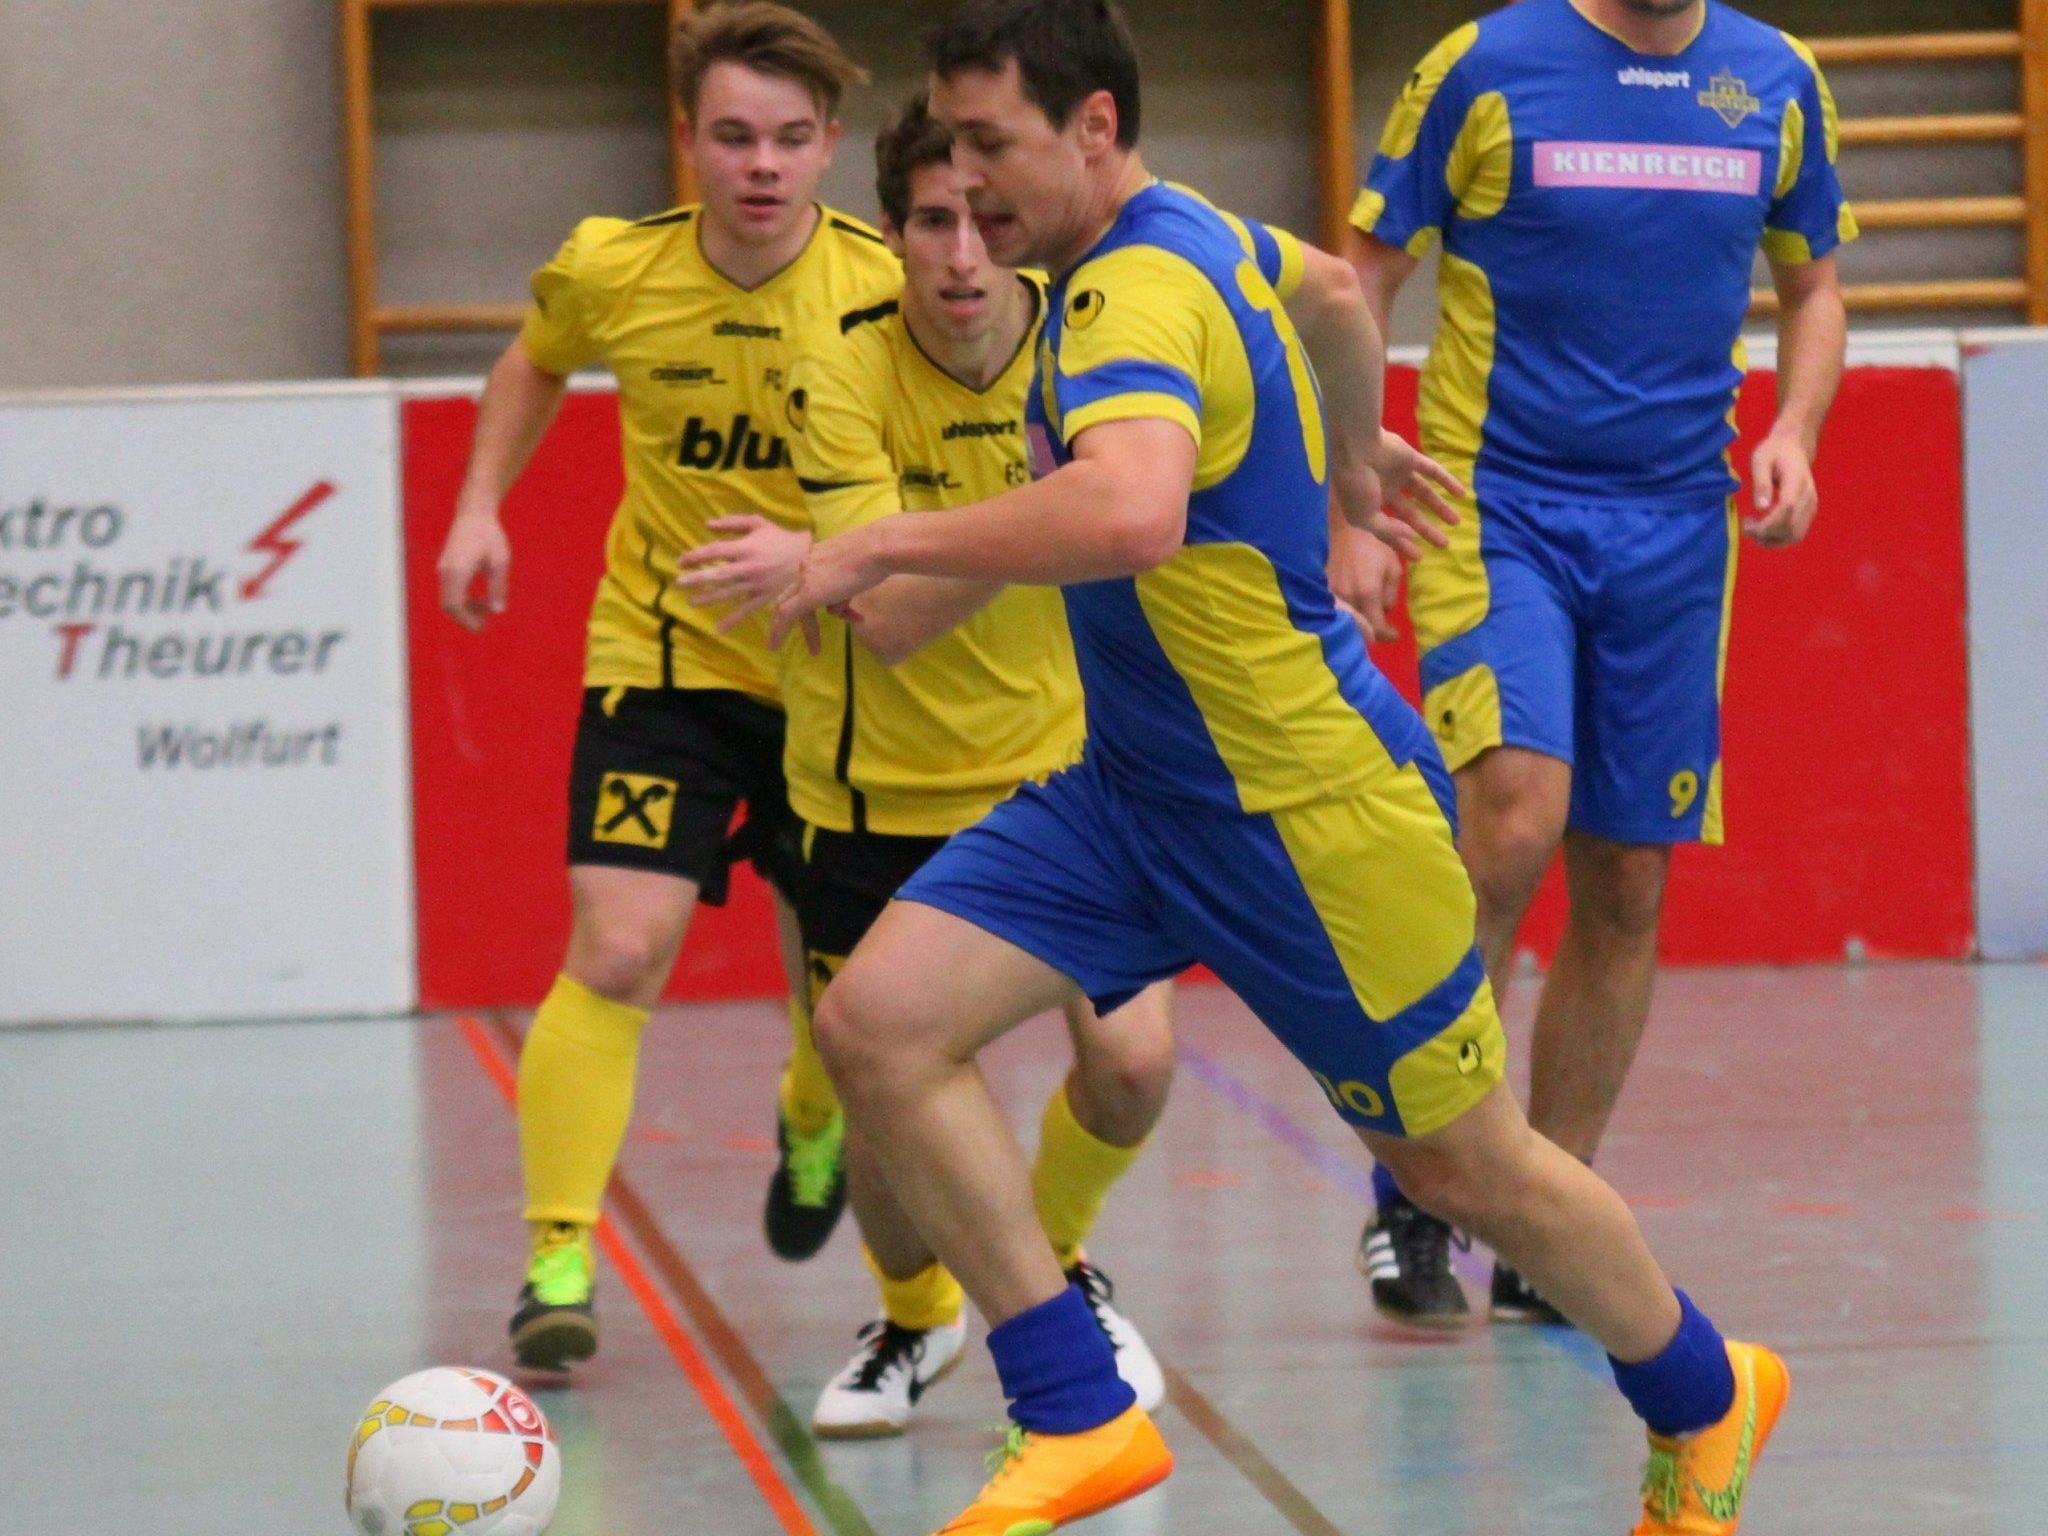 Wolfurt-1b-Kicker Manuel Konrad gewann mit seiner Mannschaft alle neun Spiele und stieg in die Masters-Vorrunde auf.